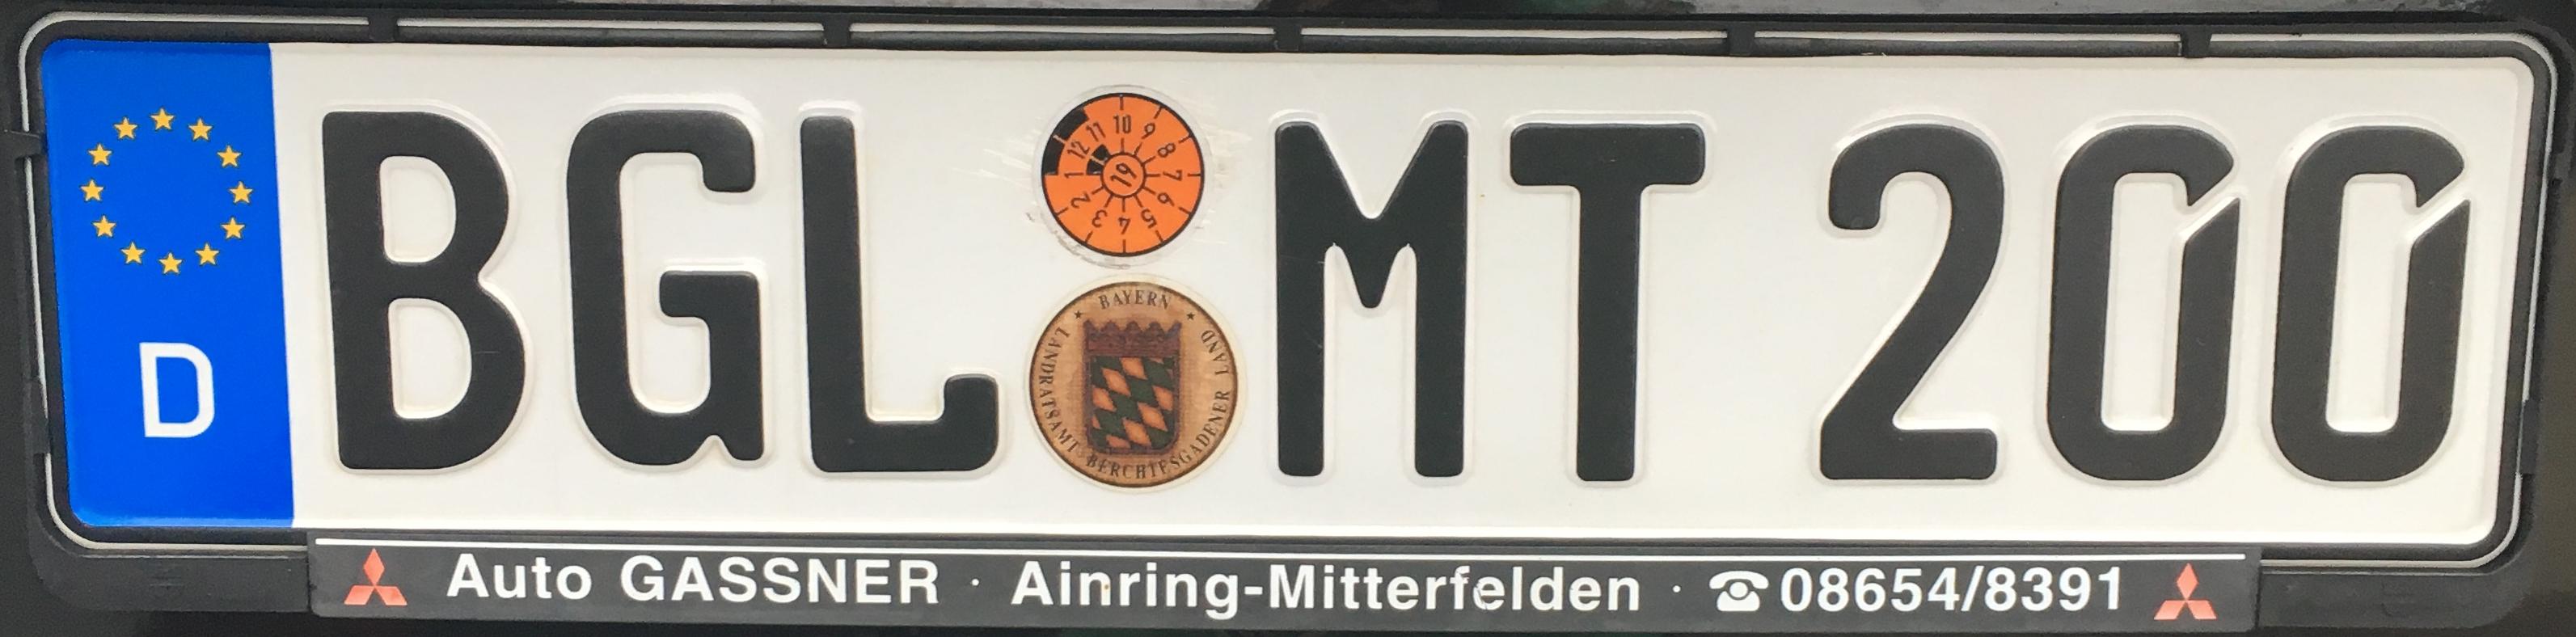 Registrační značky Německo - BGL - Berchtesgadener Land, foto: www.podalnici.cz